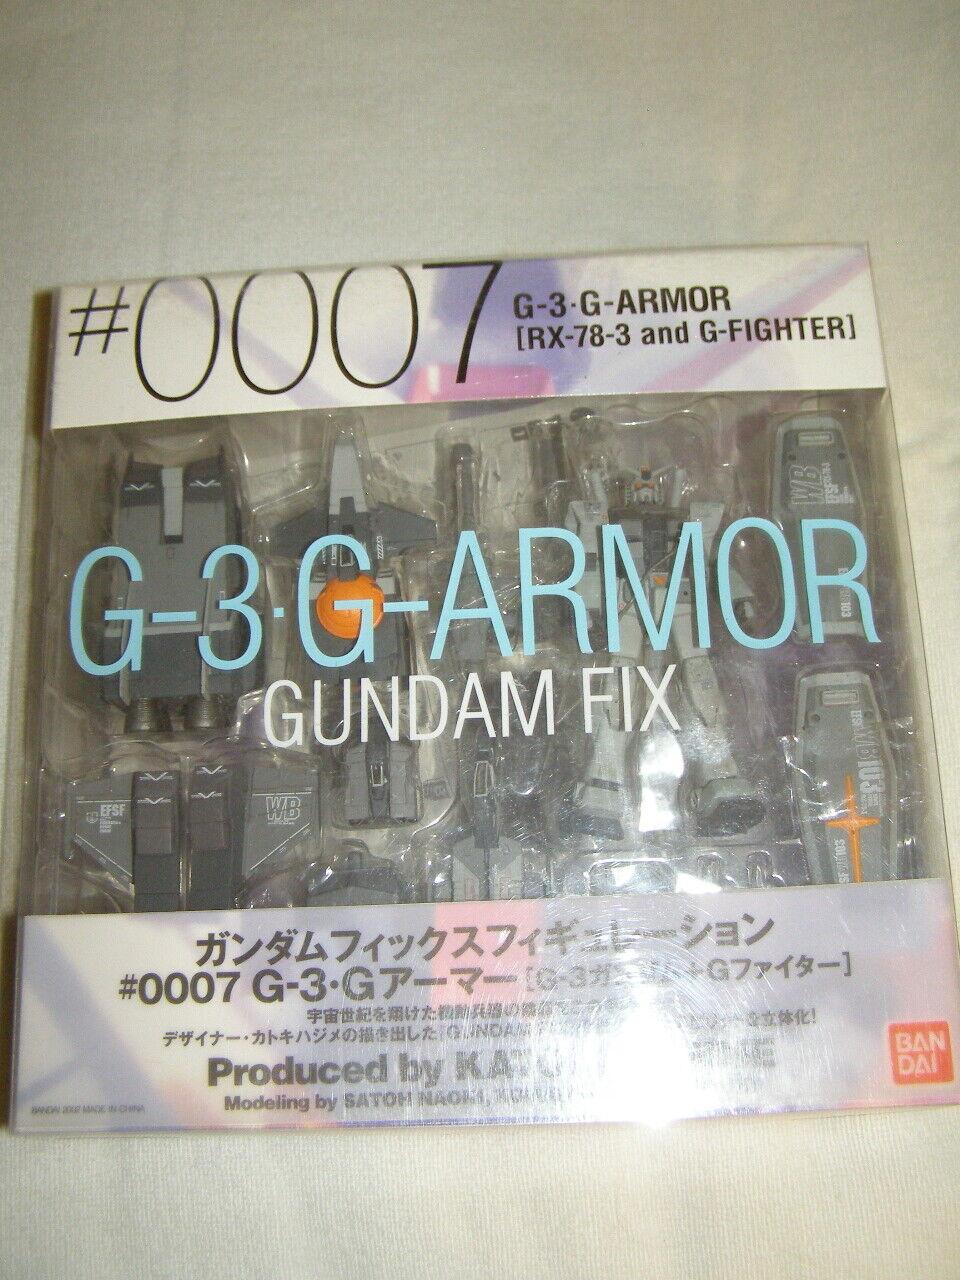 0007 Gundam Fix figuración G-3 armadura G (RX-78-3 y G-Fighter) Figura De Acción